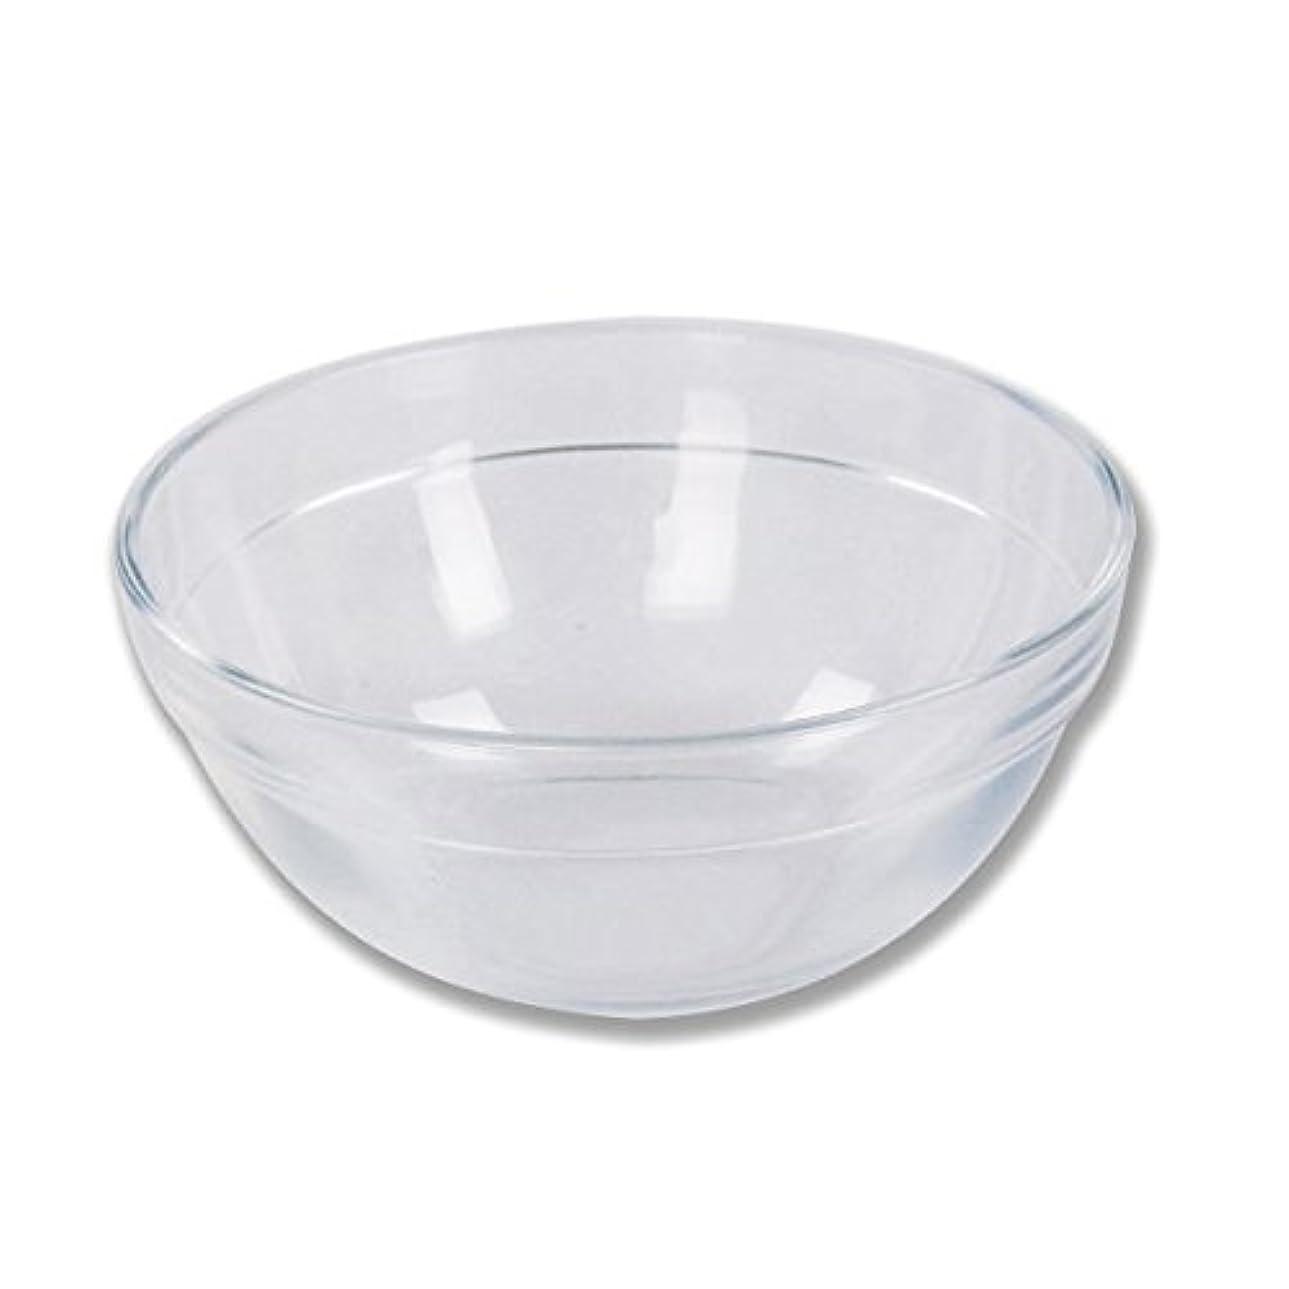 スパーク効率的に奨励ガラスボウル (Mサイズ) [ ガラスボール カップボウル カップボール エステ サロン ガラス ボウル カップ 高級感 ]